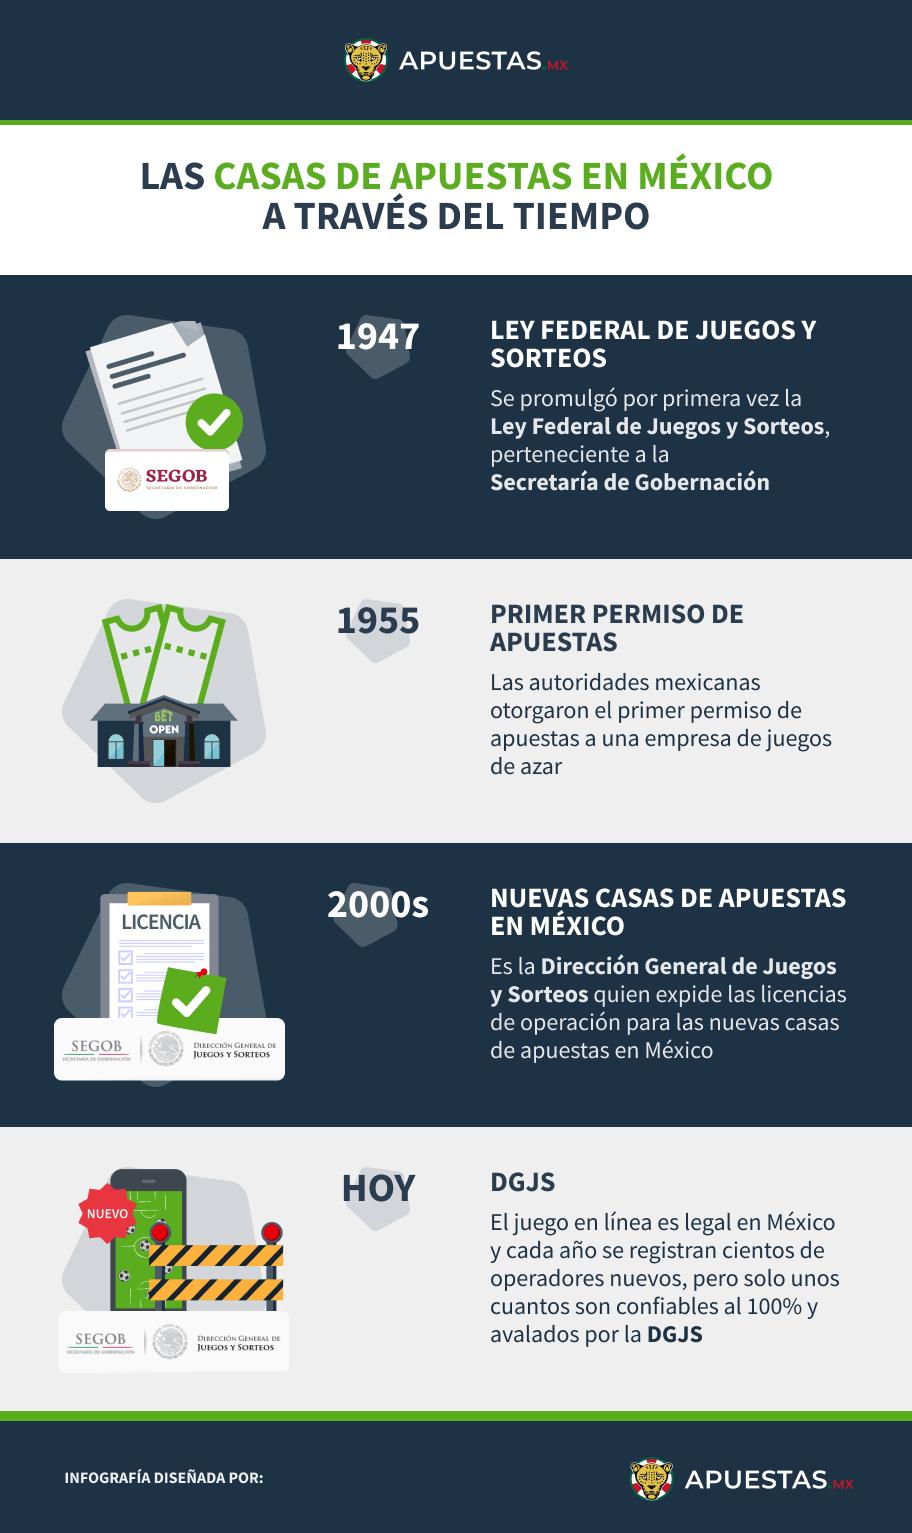 Infografía sobre las casas de apuestas en México a través del tiempo